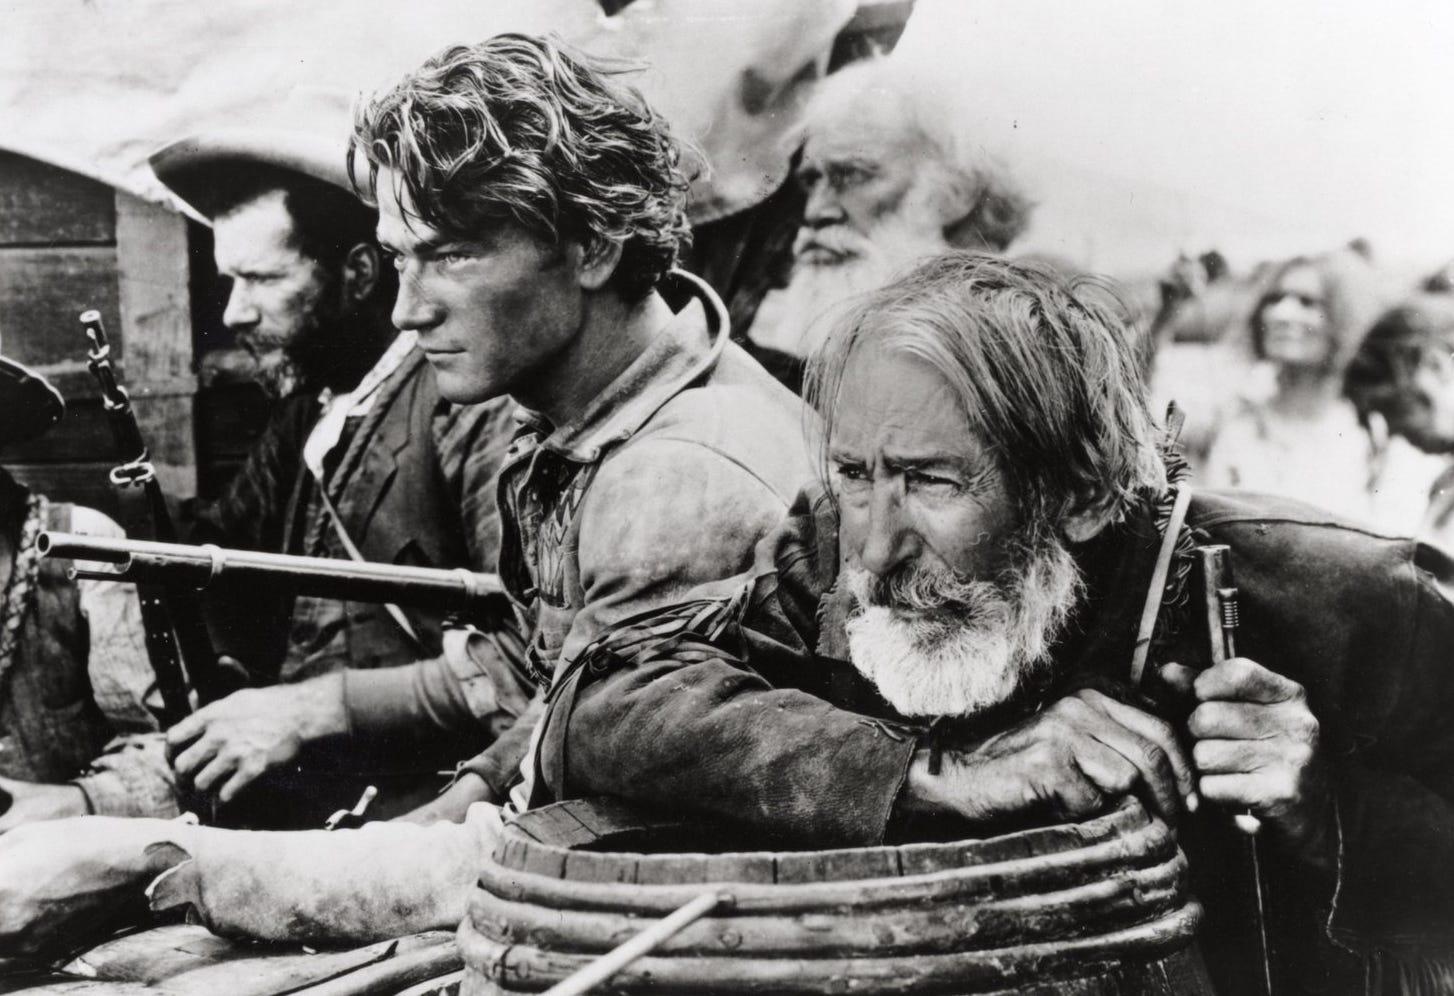 Tinseltown Talks column: John Wayne rode into movie history 90 years ago